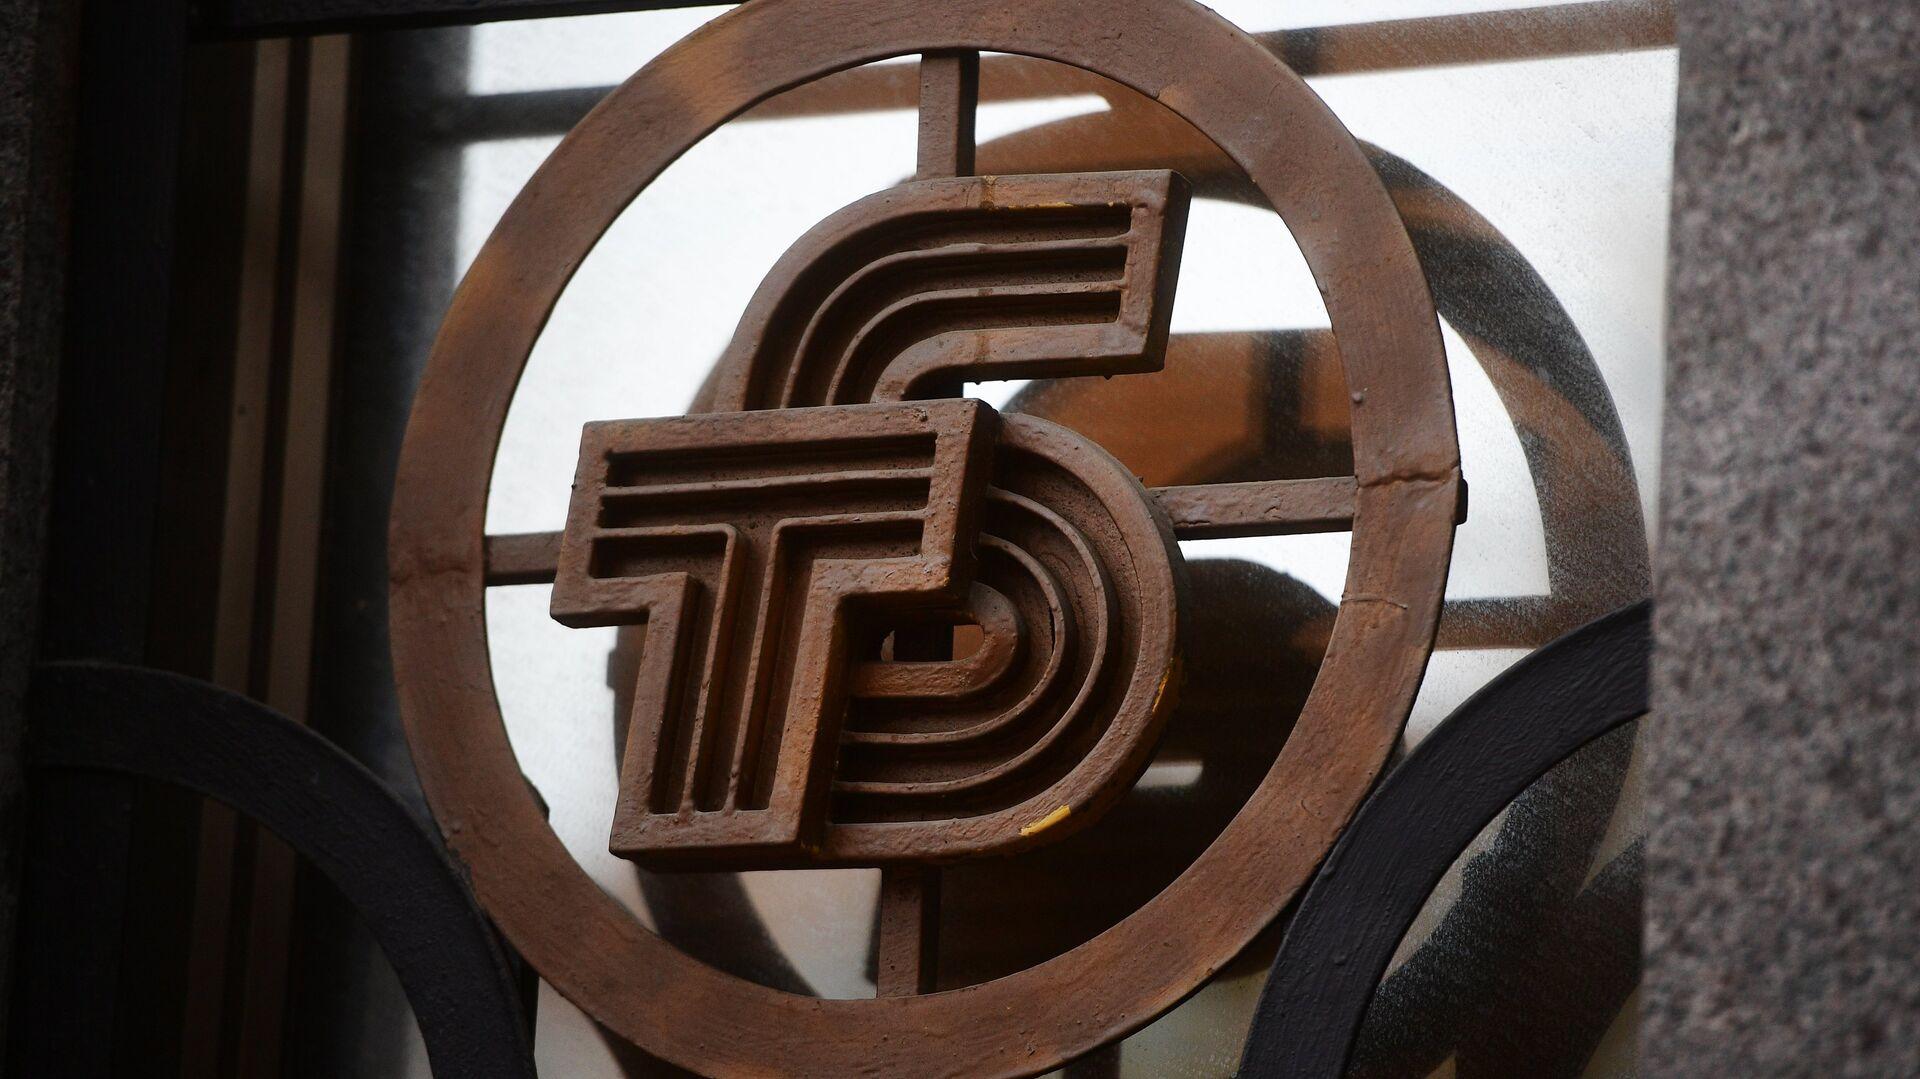 Эмблема на здании Темпбанка в Москве. 2 октября 2017 - РИА Новости, 1920, 26.02.2021